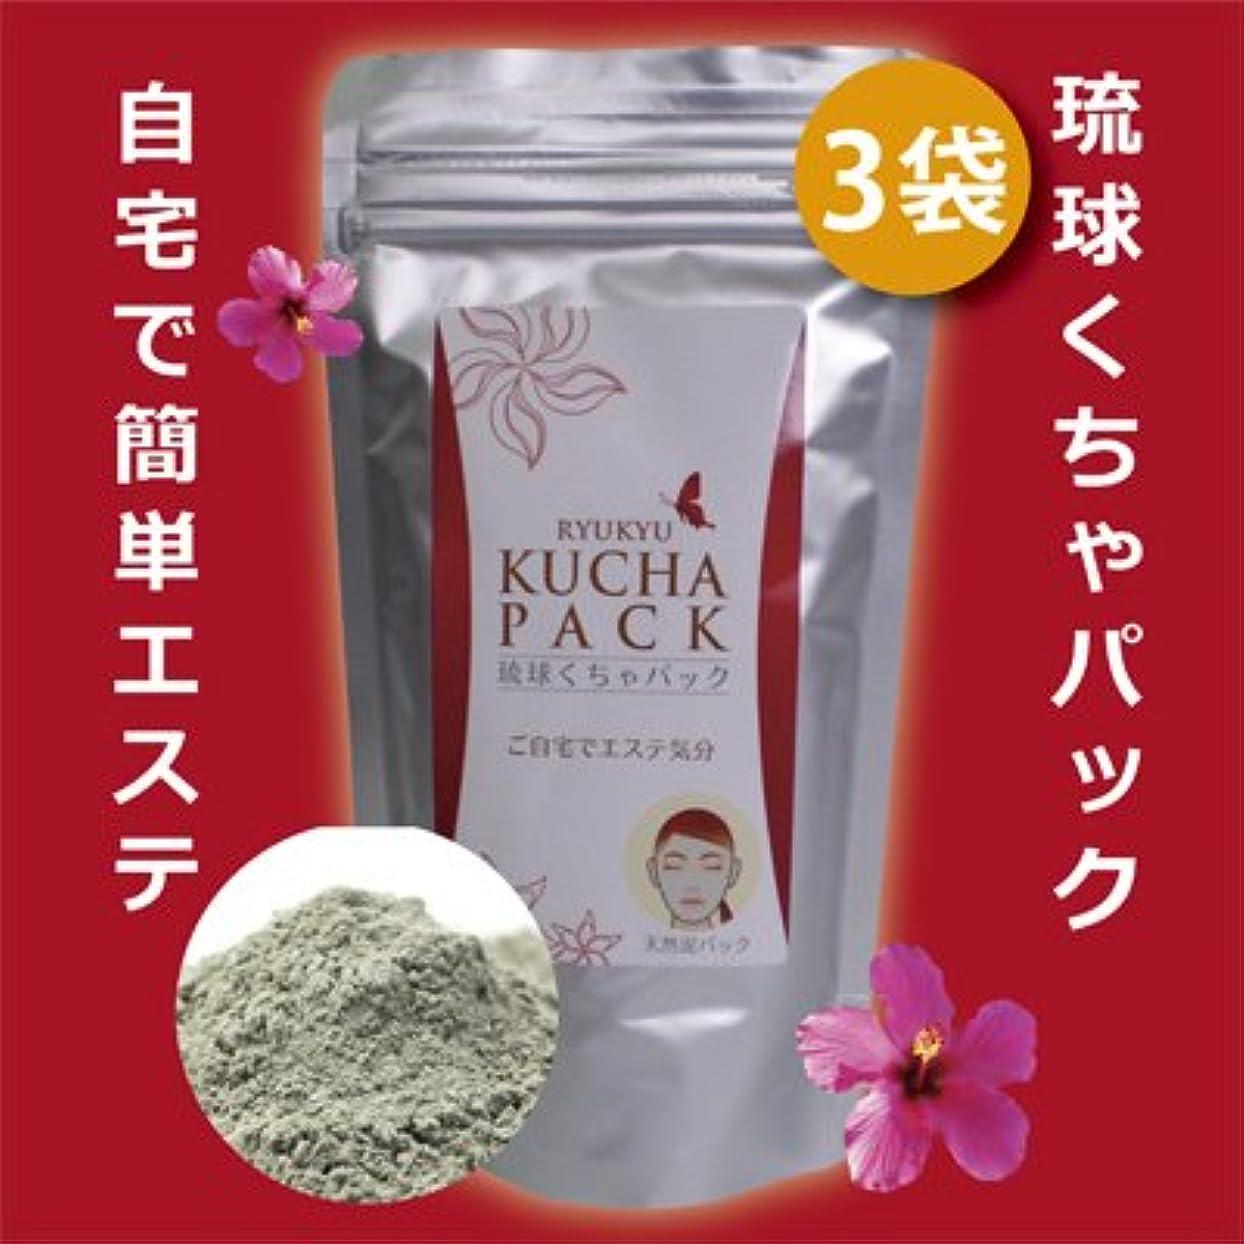 盟主状塩辛い美肌 健康作り 月桃水を加えた使いやすい粉末 沖縄産 琉球くちゃパック 300g 3パック